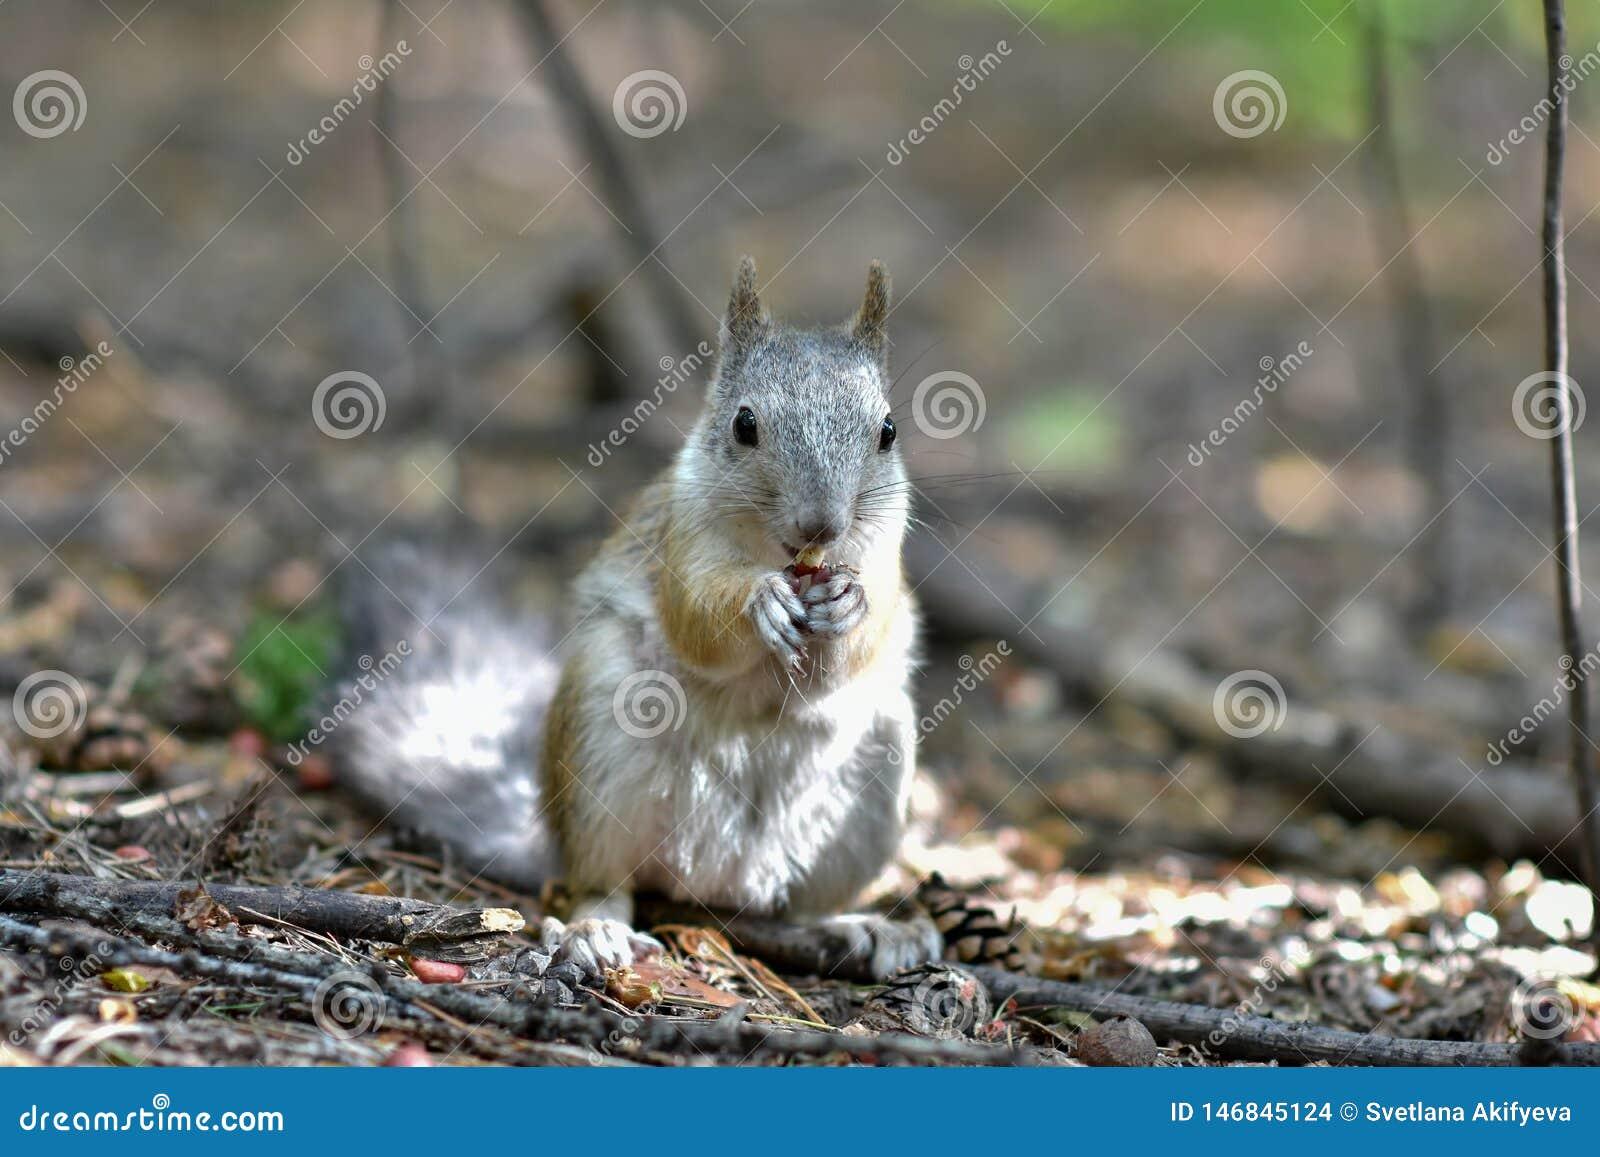 Eichhörnchen, das im Herbst Forest Park sitzt Eichhörnchen, das eine Nuss in der Szene des Herbstes Forest Park isst